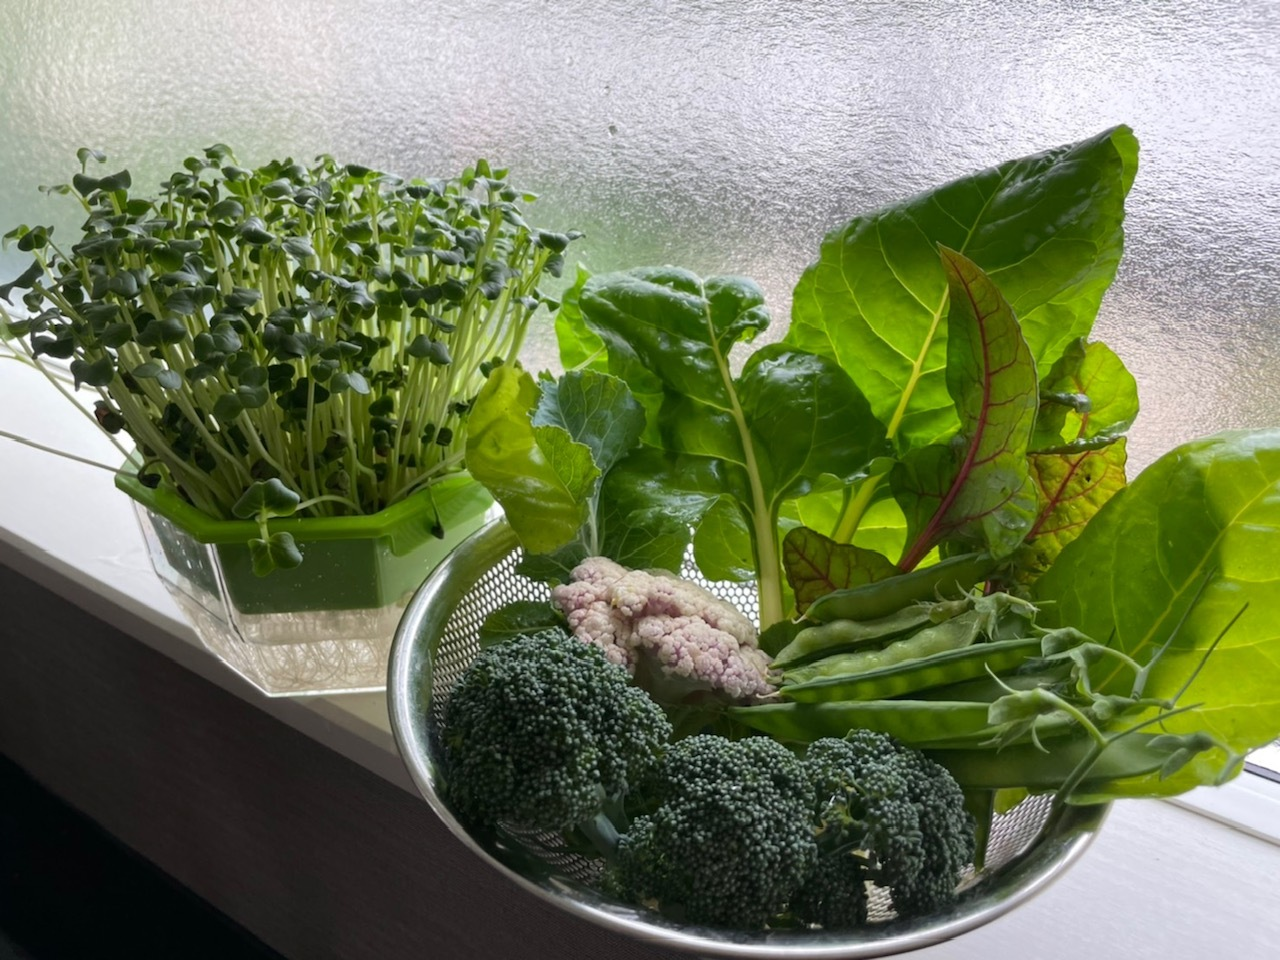 カイワレ大根 収穫した野菜